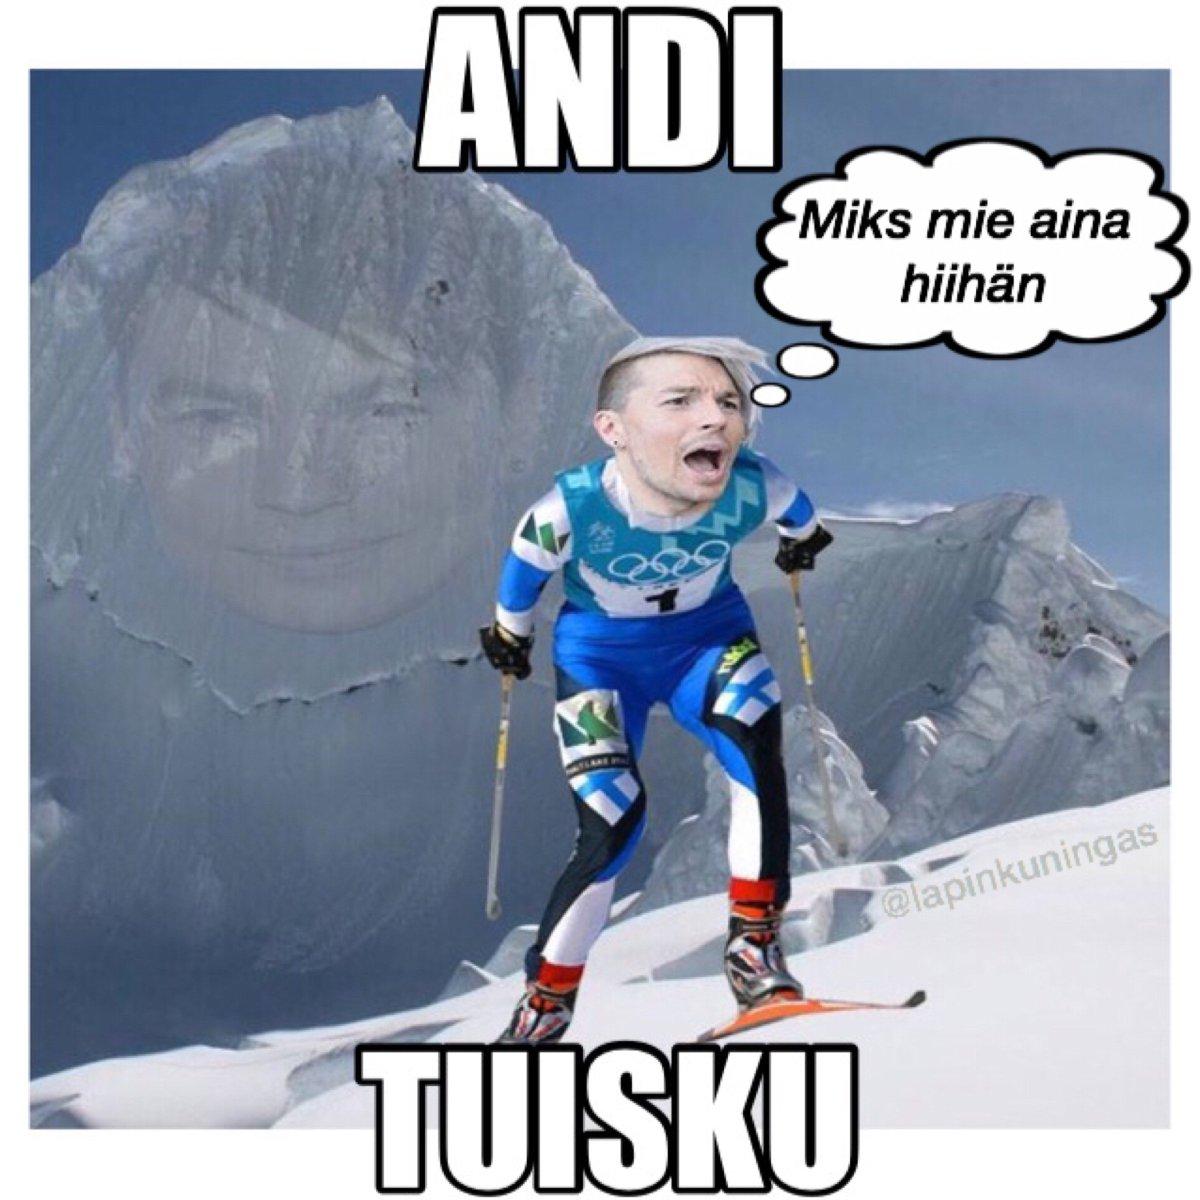 mä hiihdän